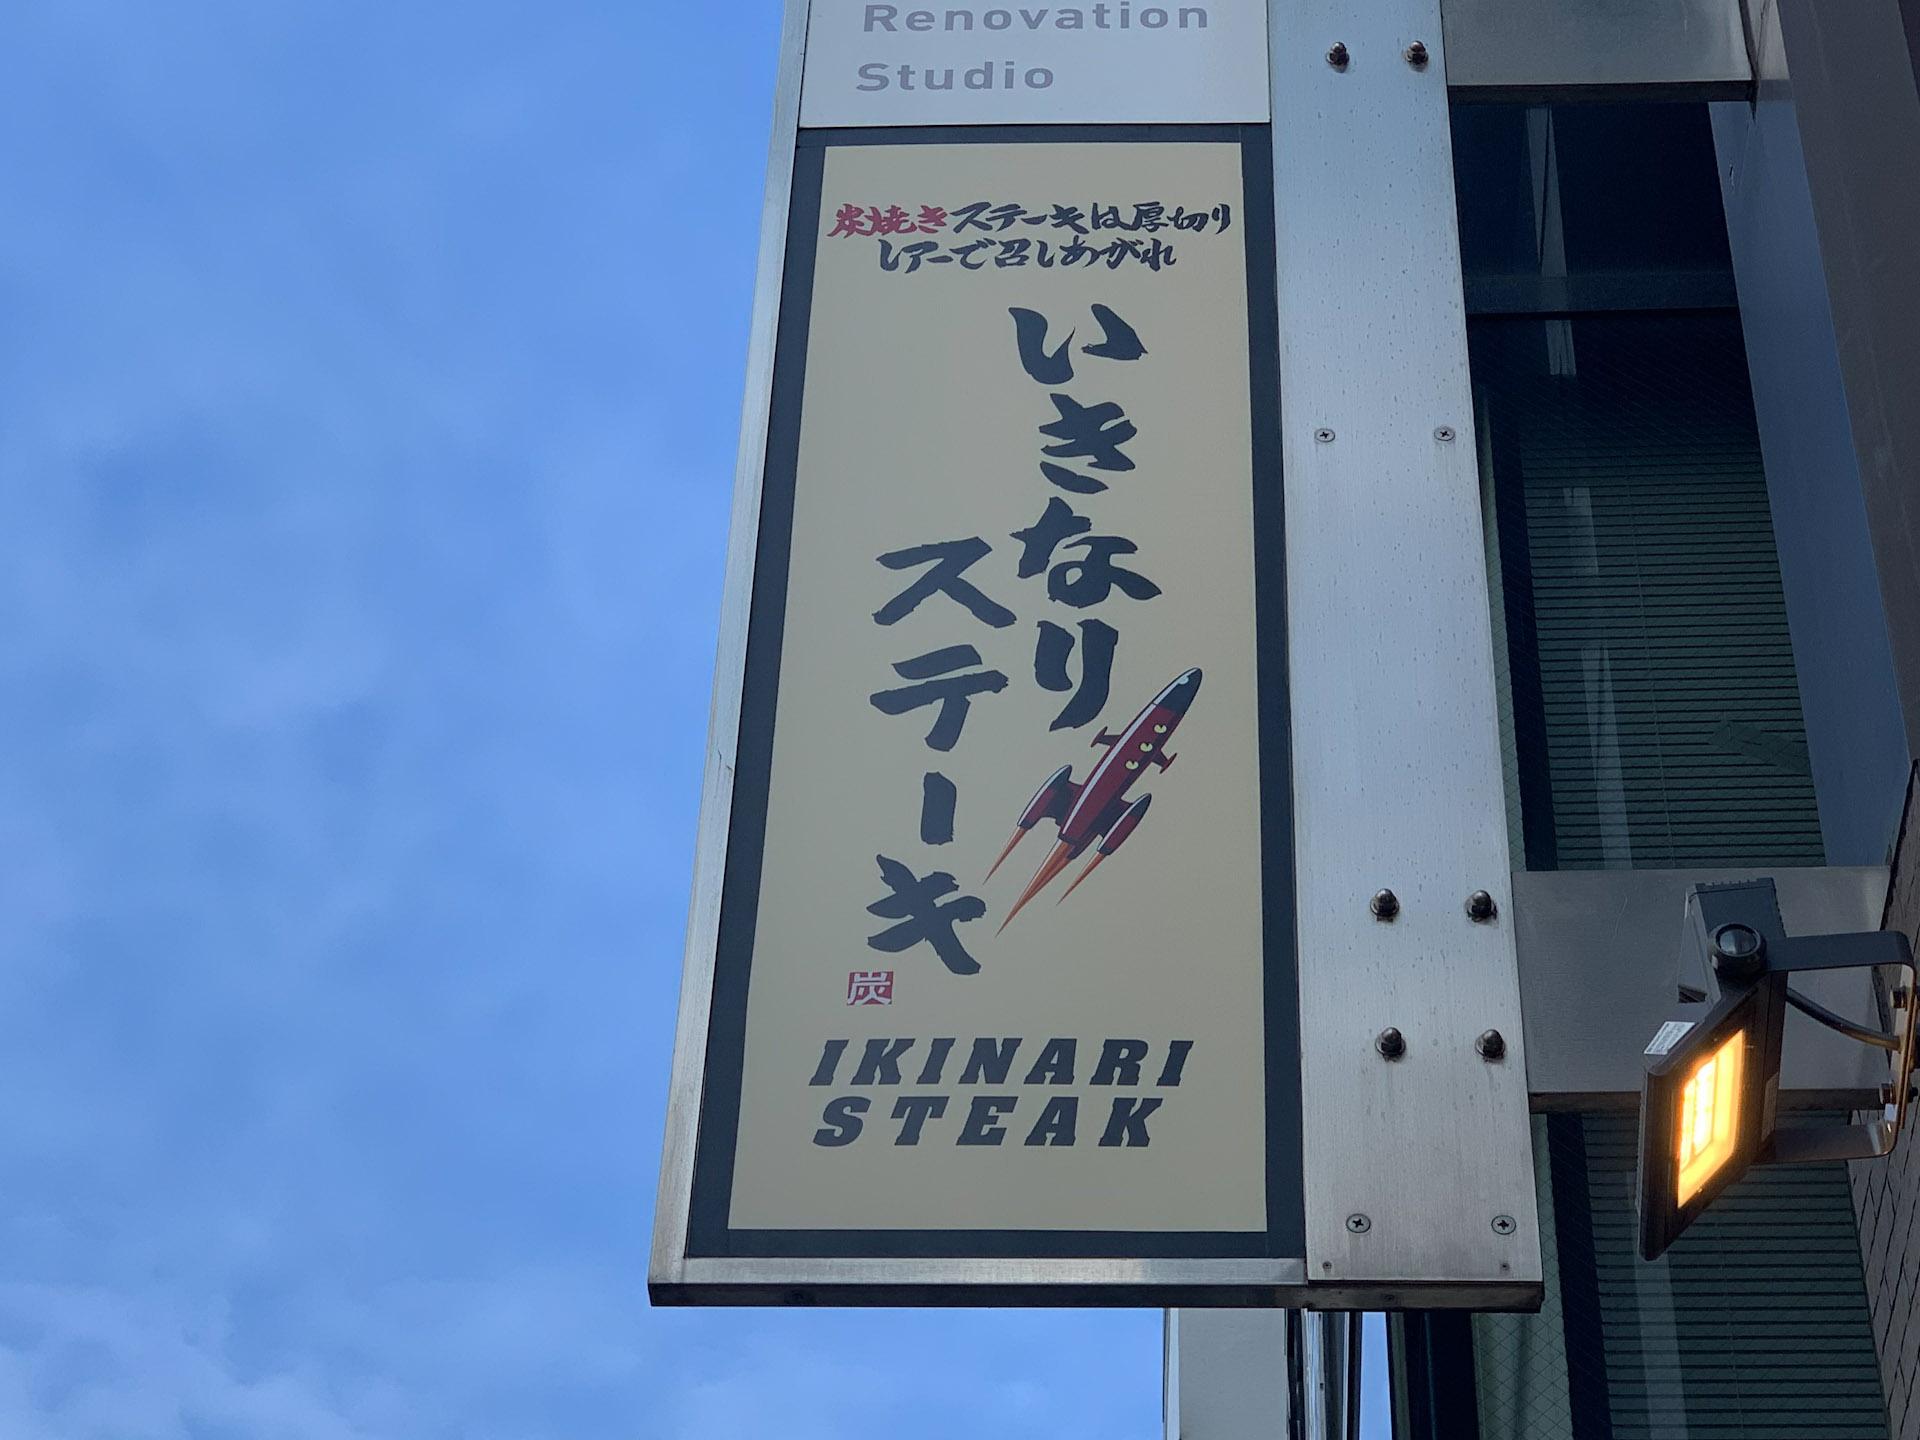 【いきなりステーキ】梅田周辺の店舗情報まとめ!美味しいお肉をガッツリ食べよう